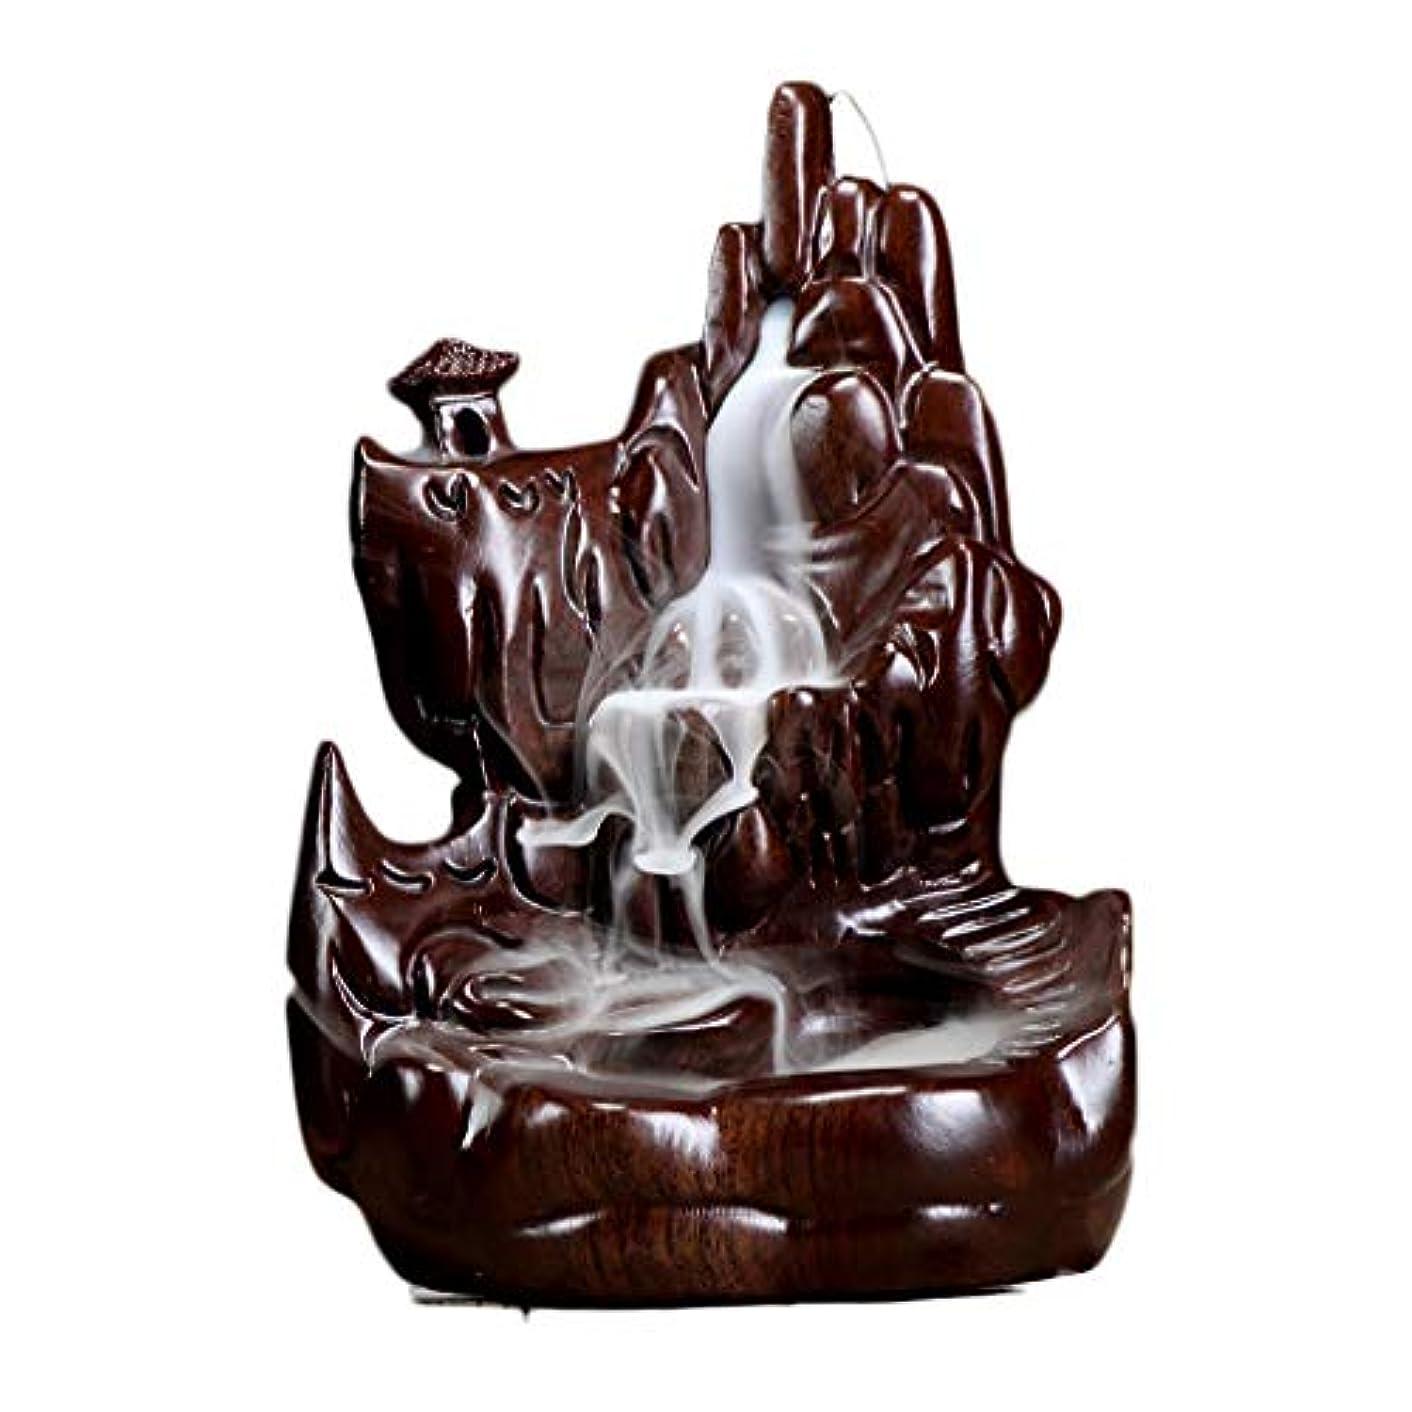 ご意見許可するホームアロマバーナー 逆流の香り現代中国の香炉仏の部屋の香炉の黒檀の木材香の香炉アロマセラピー炉 アロマバーナー (Color : Black and ebony)